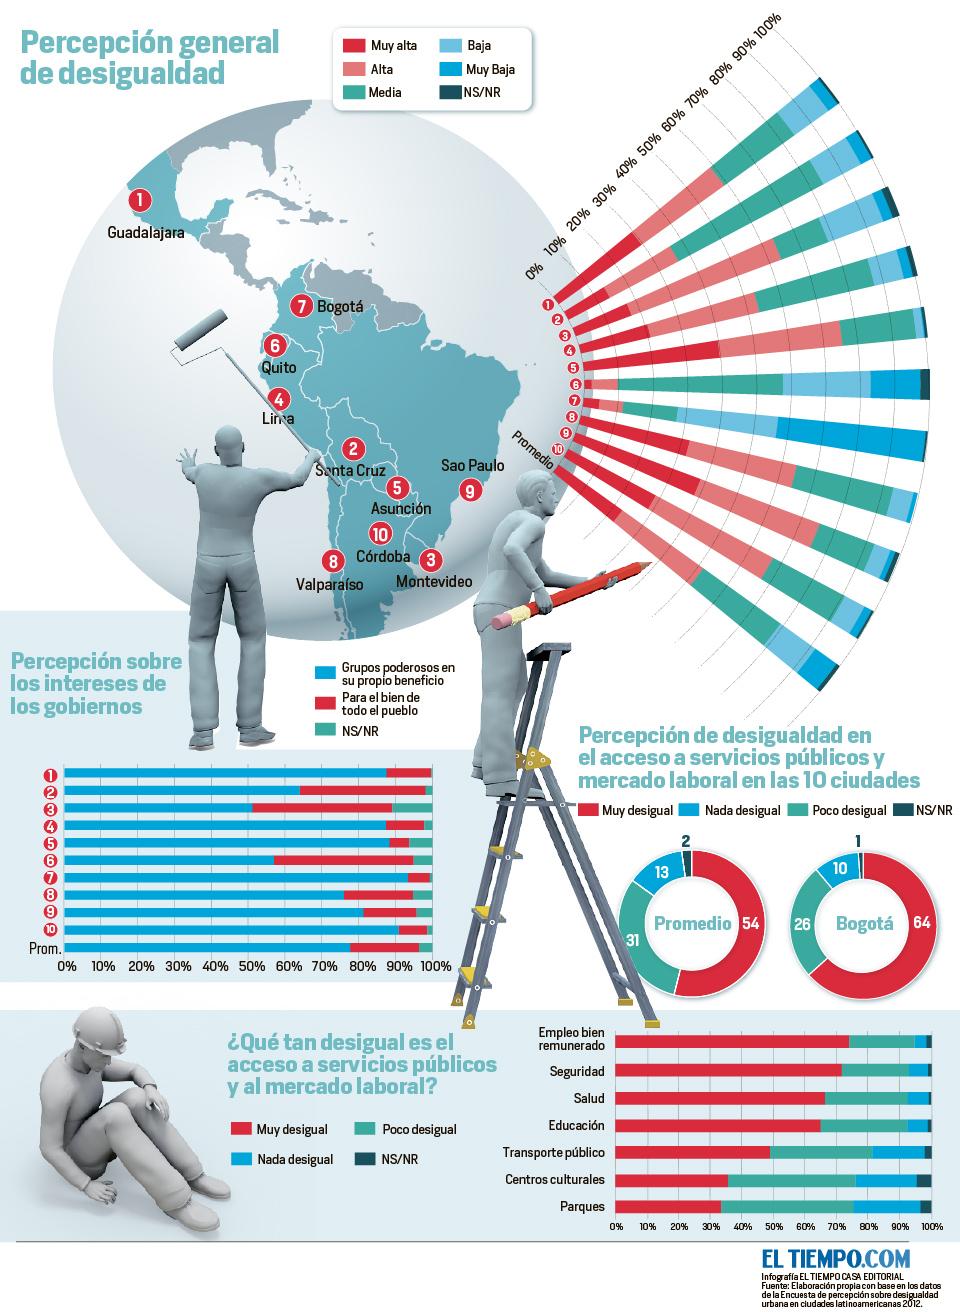 mundo noticias latinoamerica desigualdad am